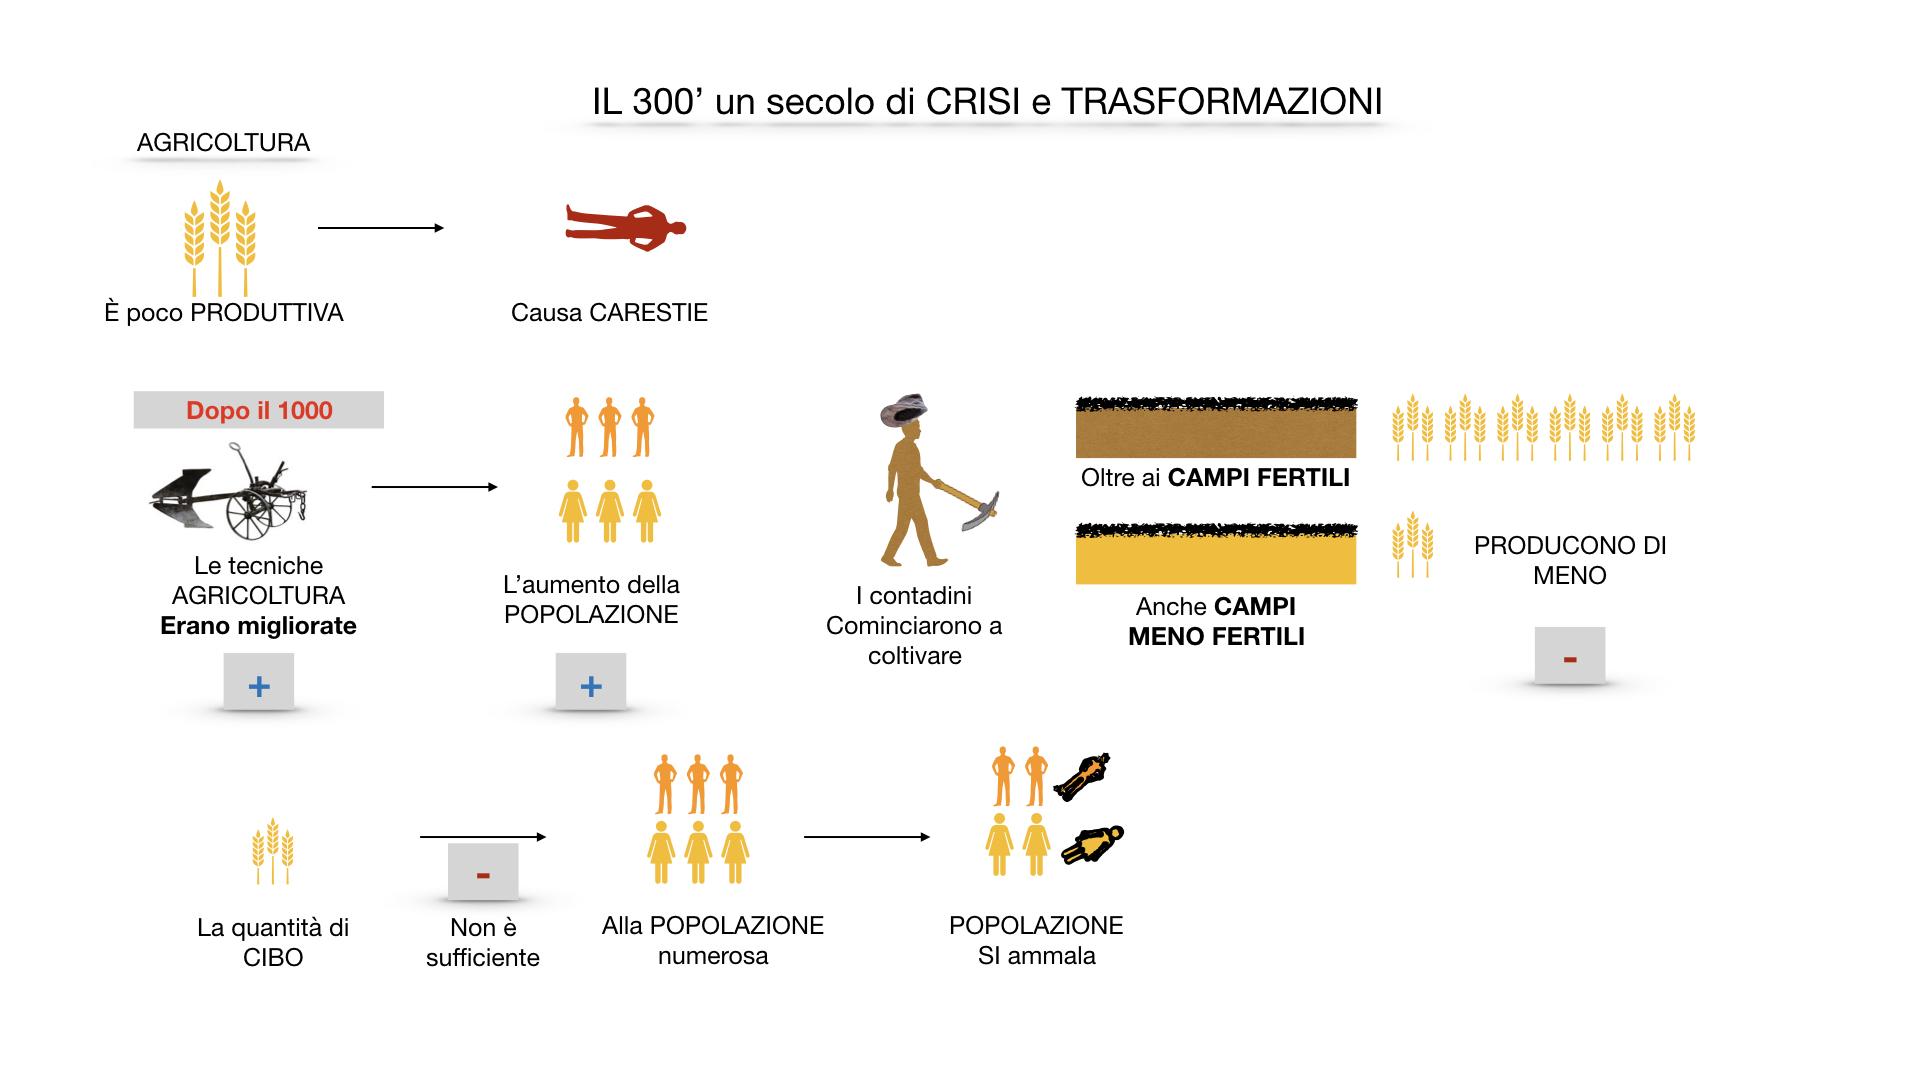 il 300 crisi e trasformazioni_ SIMULAZIONE.016